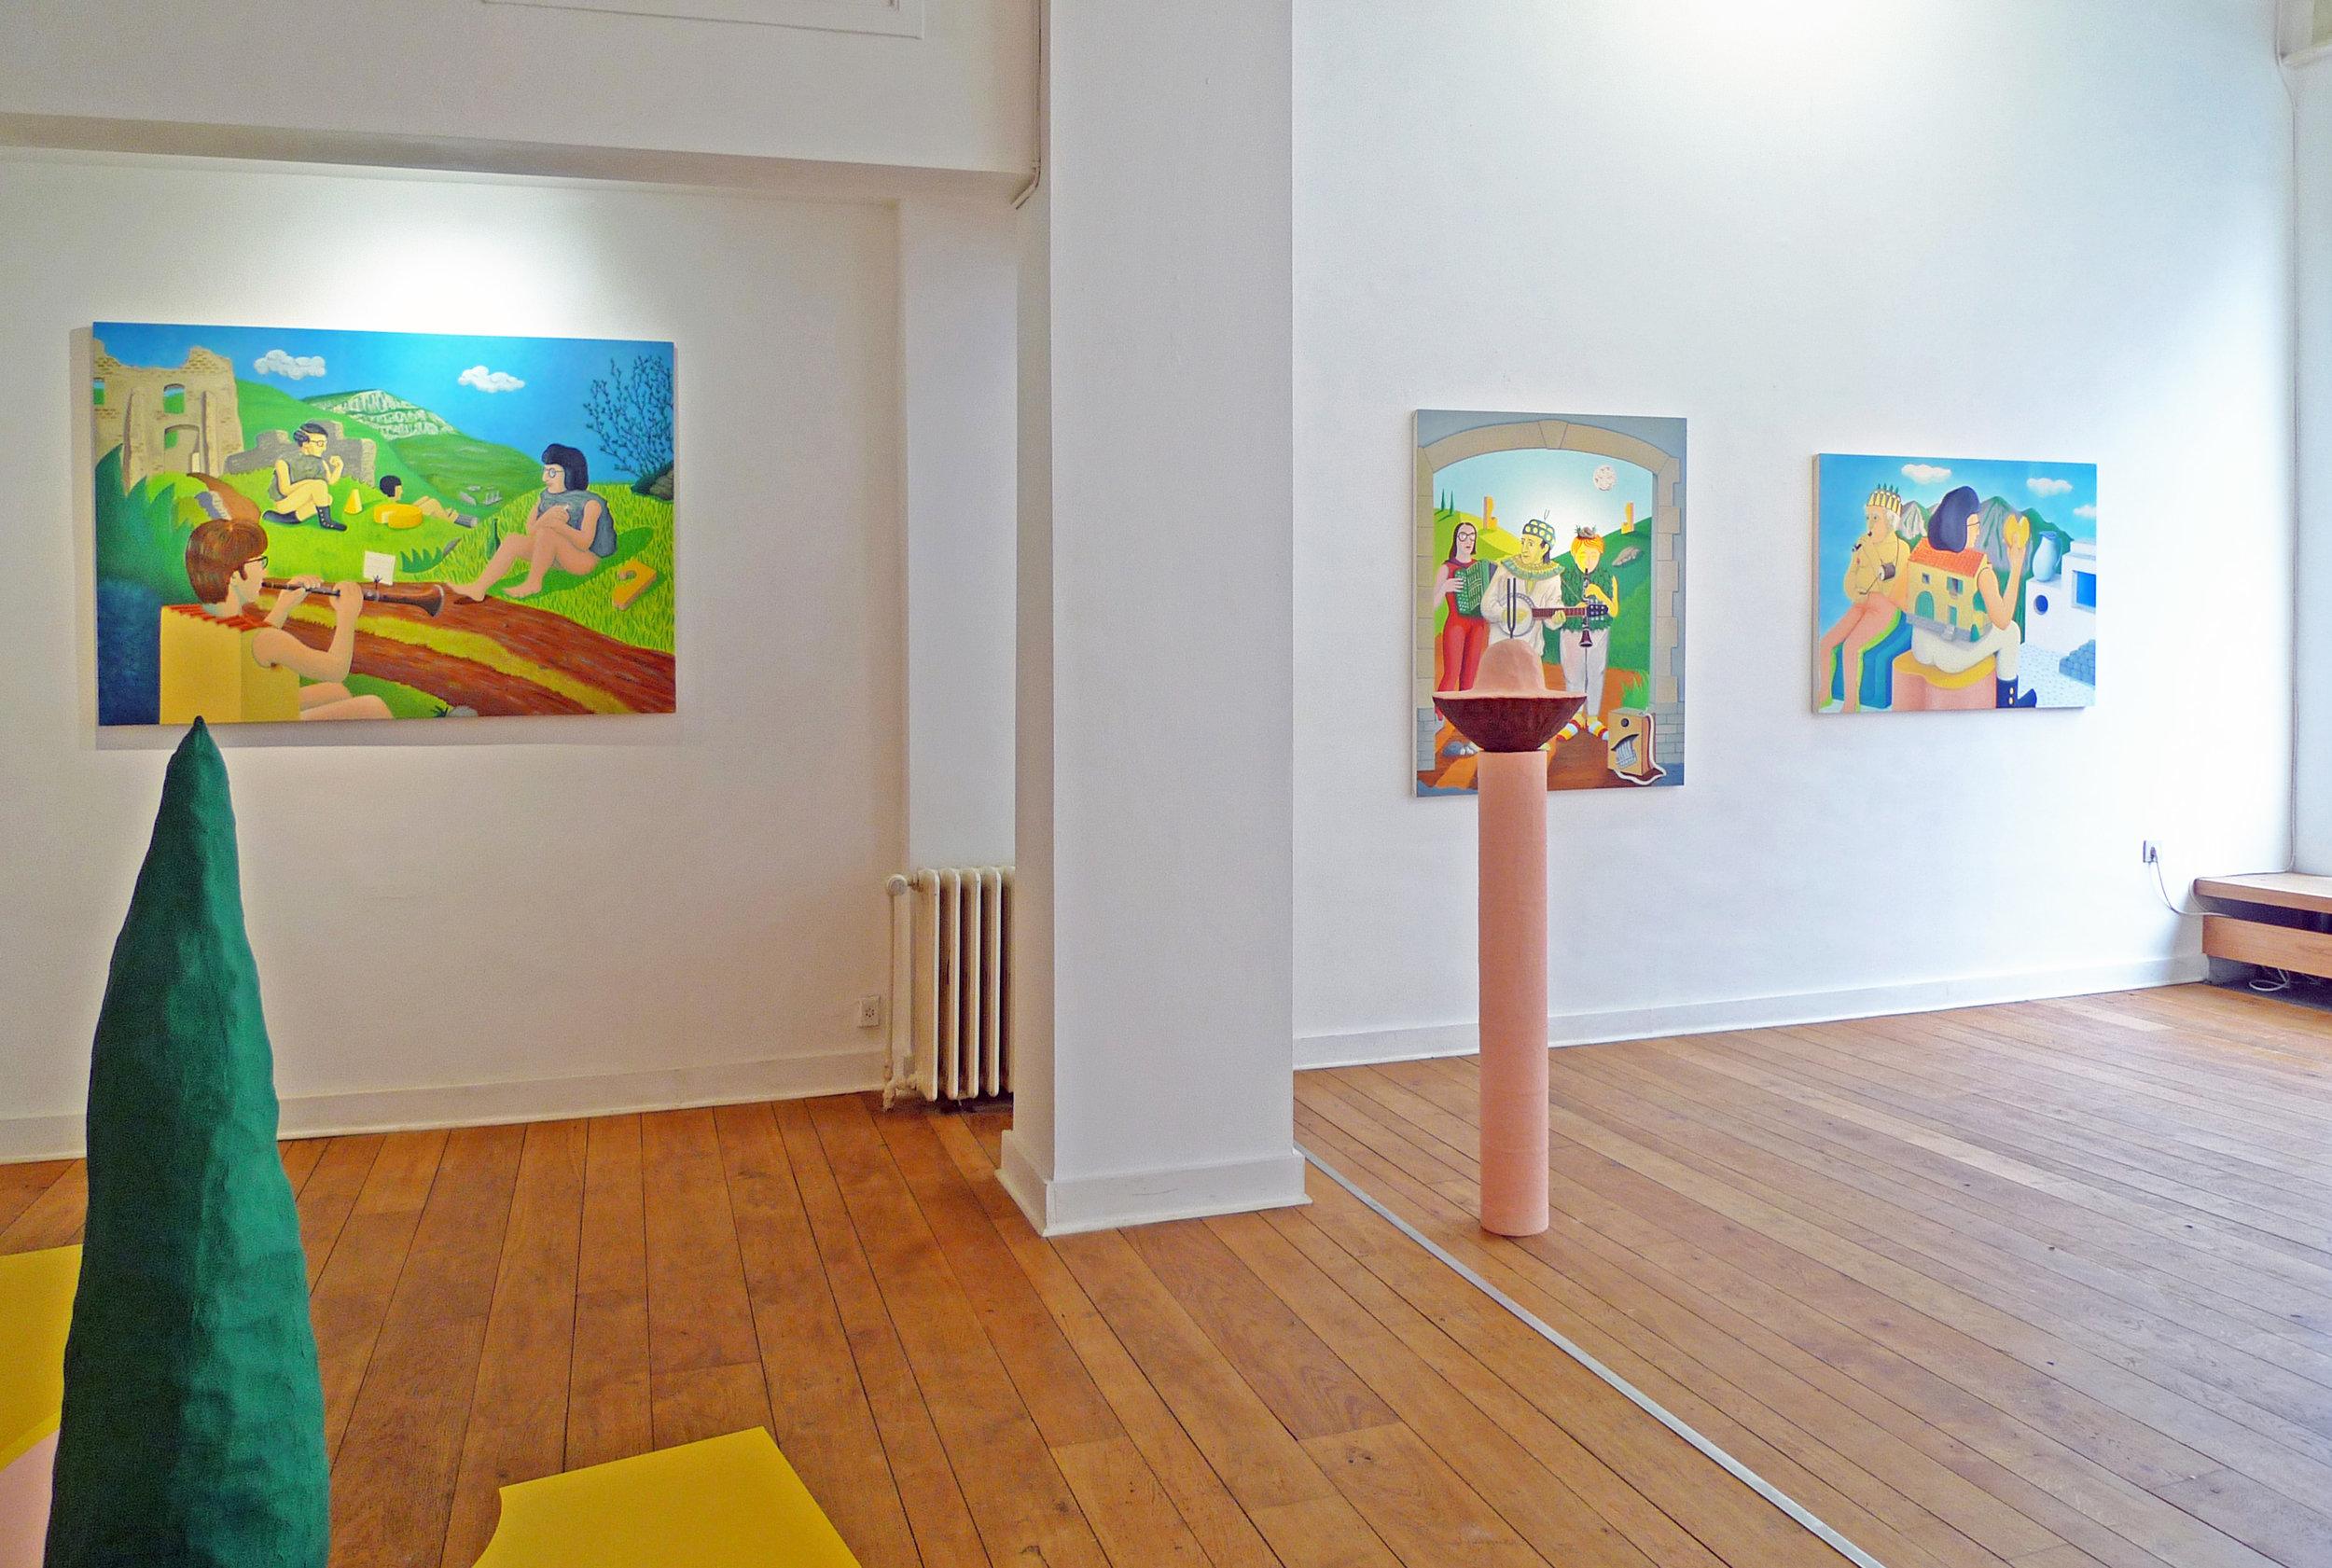 Terroir 2 alec kronacker exhibition painting sculpture